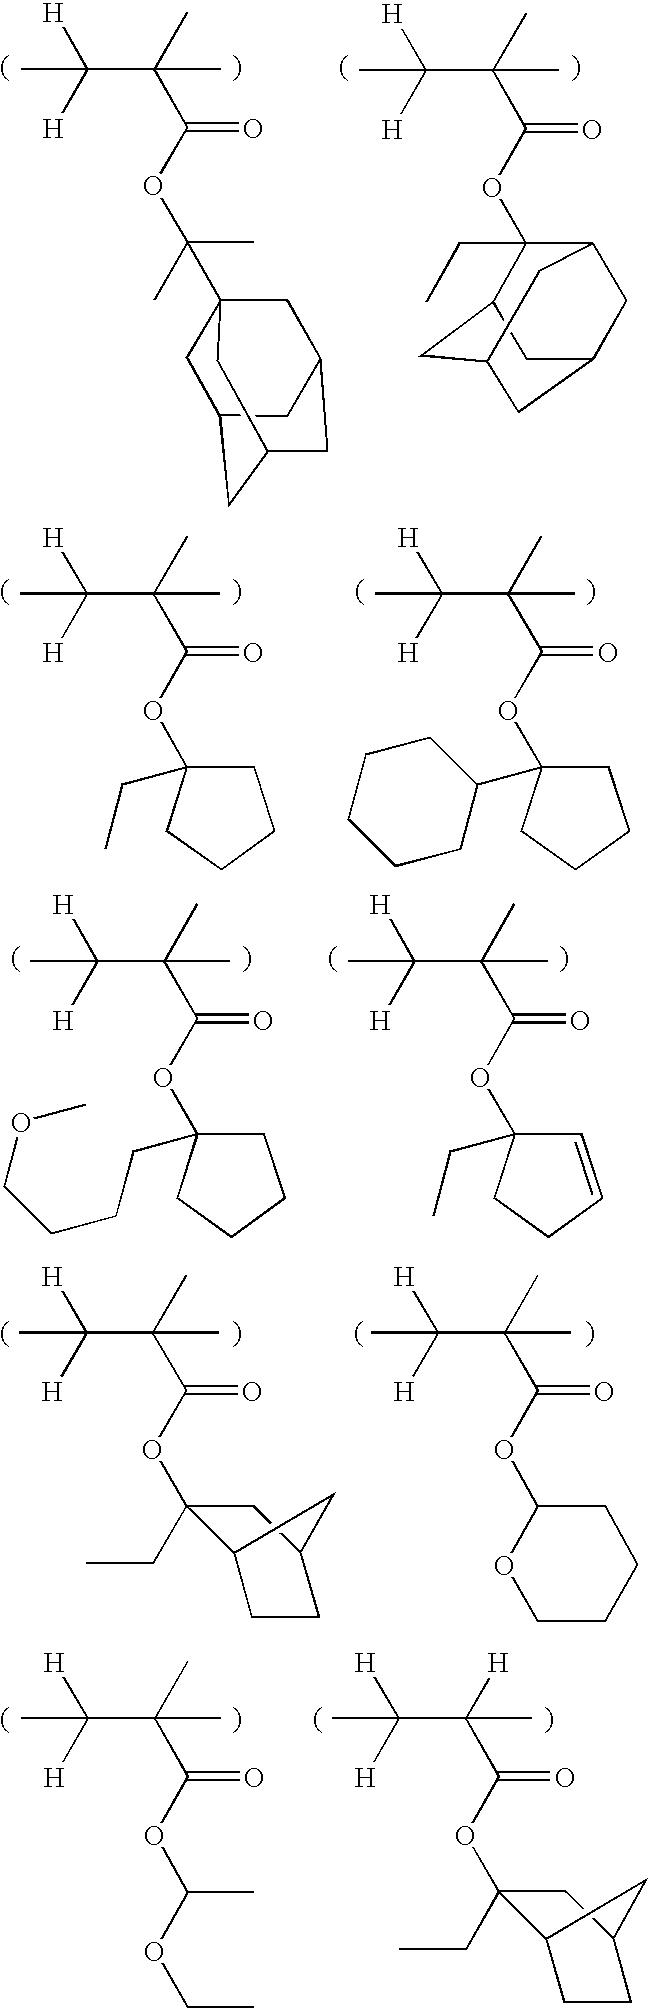 Figure US20030087181A1-20030508-C00015